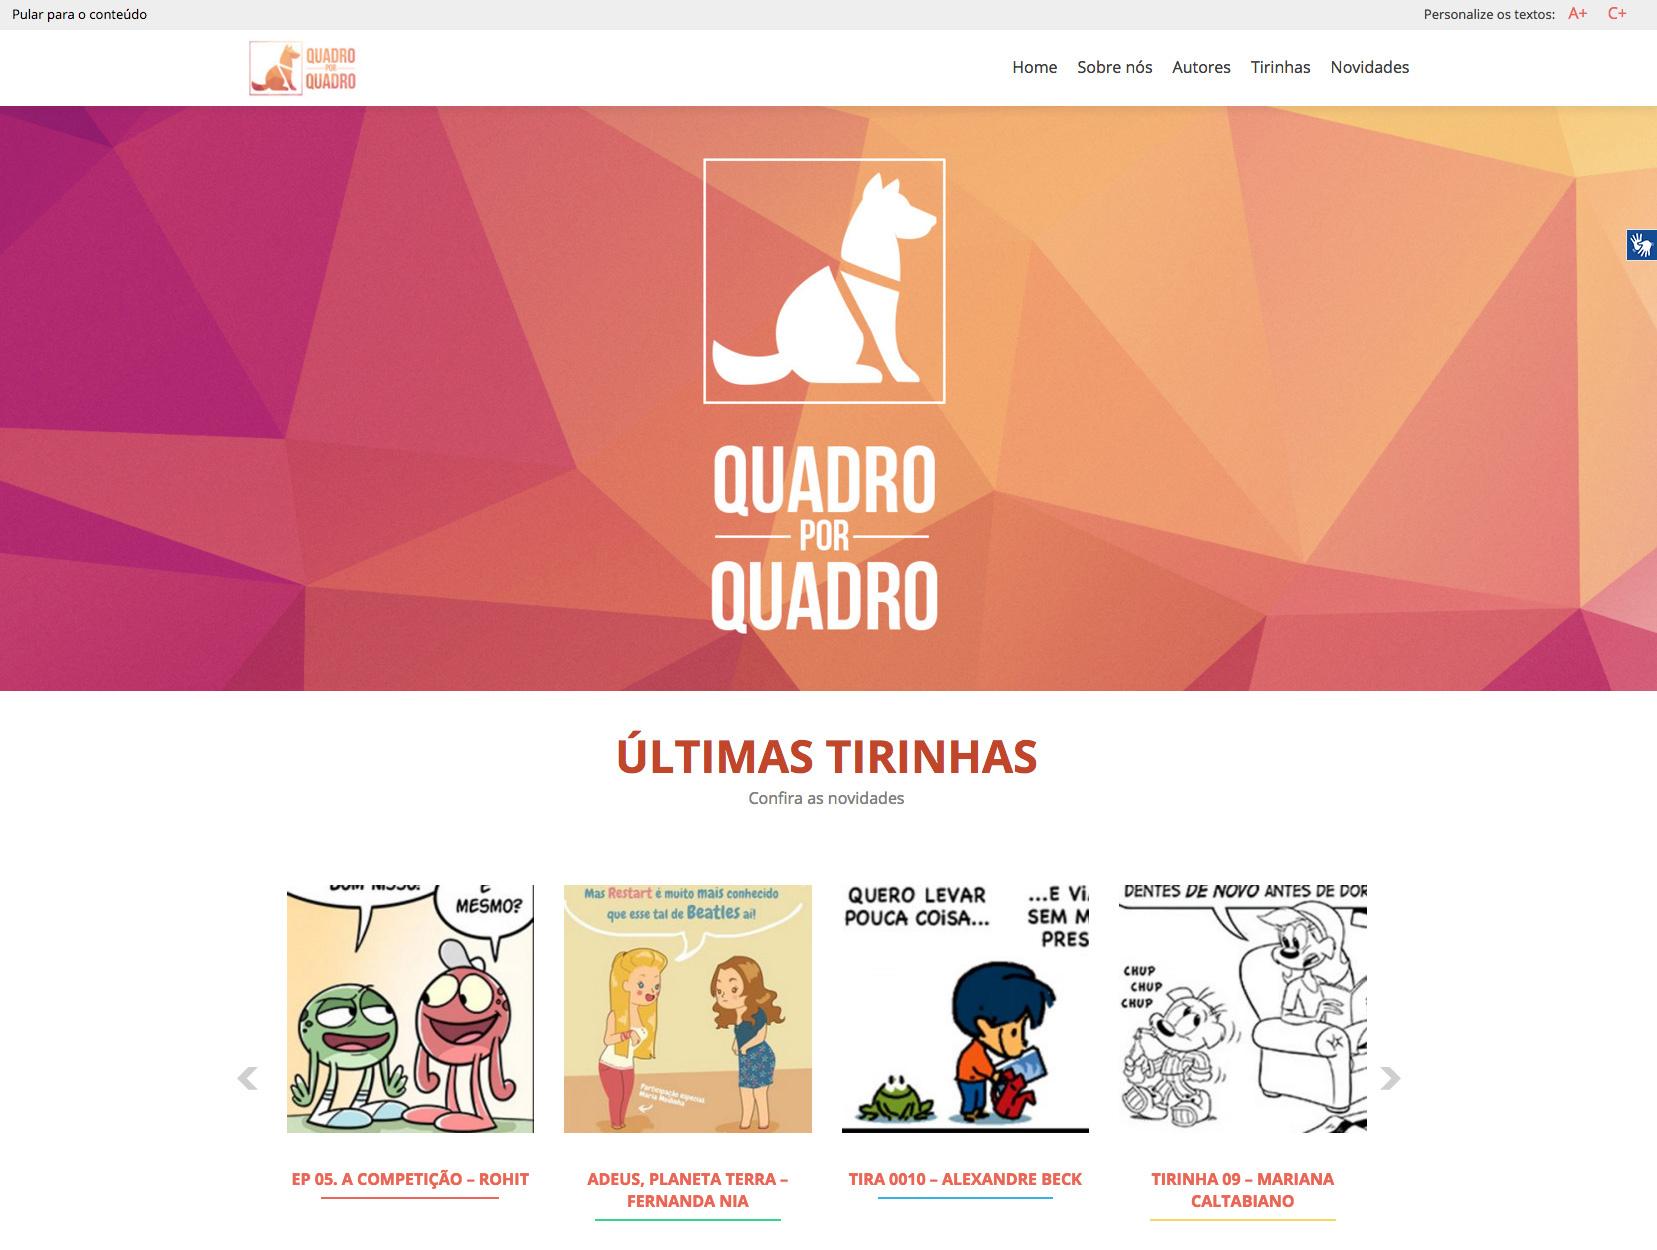 Na parte de cima do site temos o menu, abaixo uma imagem principal com o logo do projeto aplicado em um fundo de formas geométricas em tons de laranja e vermelho. Abaixo dessa imagem temos ums lista com as últimas tirinhas